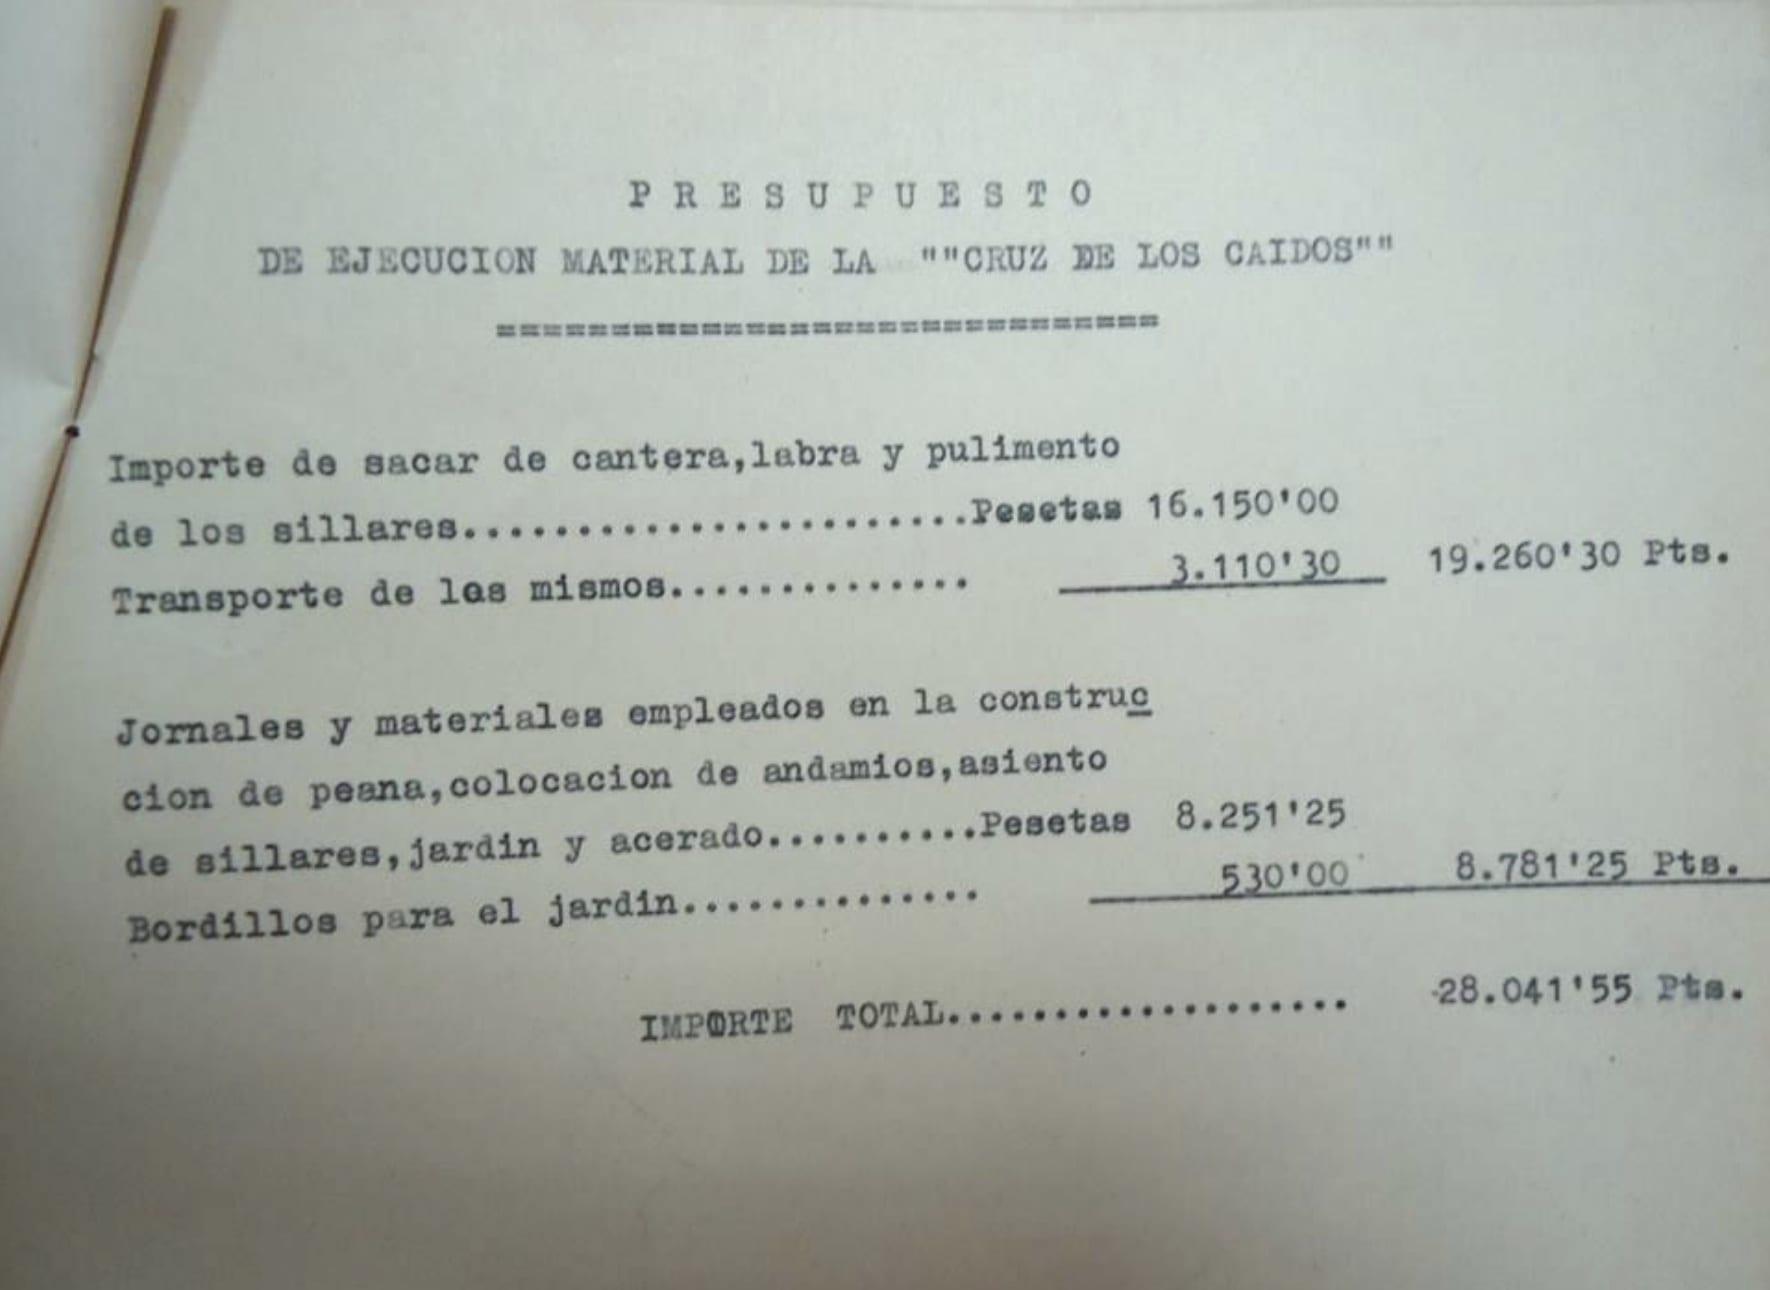 1937 - Presupuesto Cruz de los Caidos